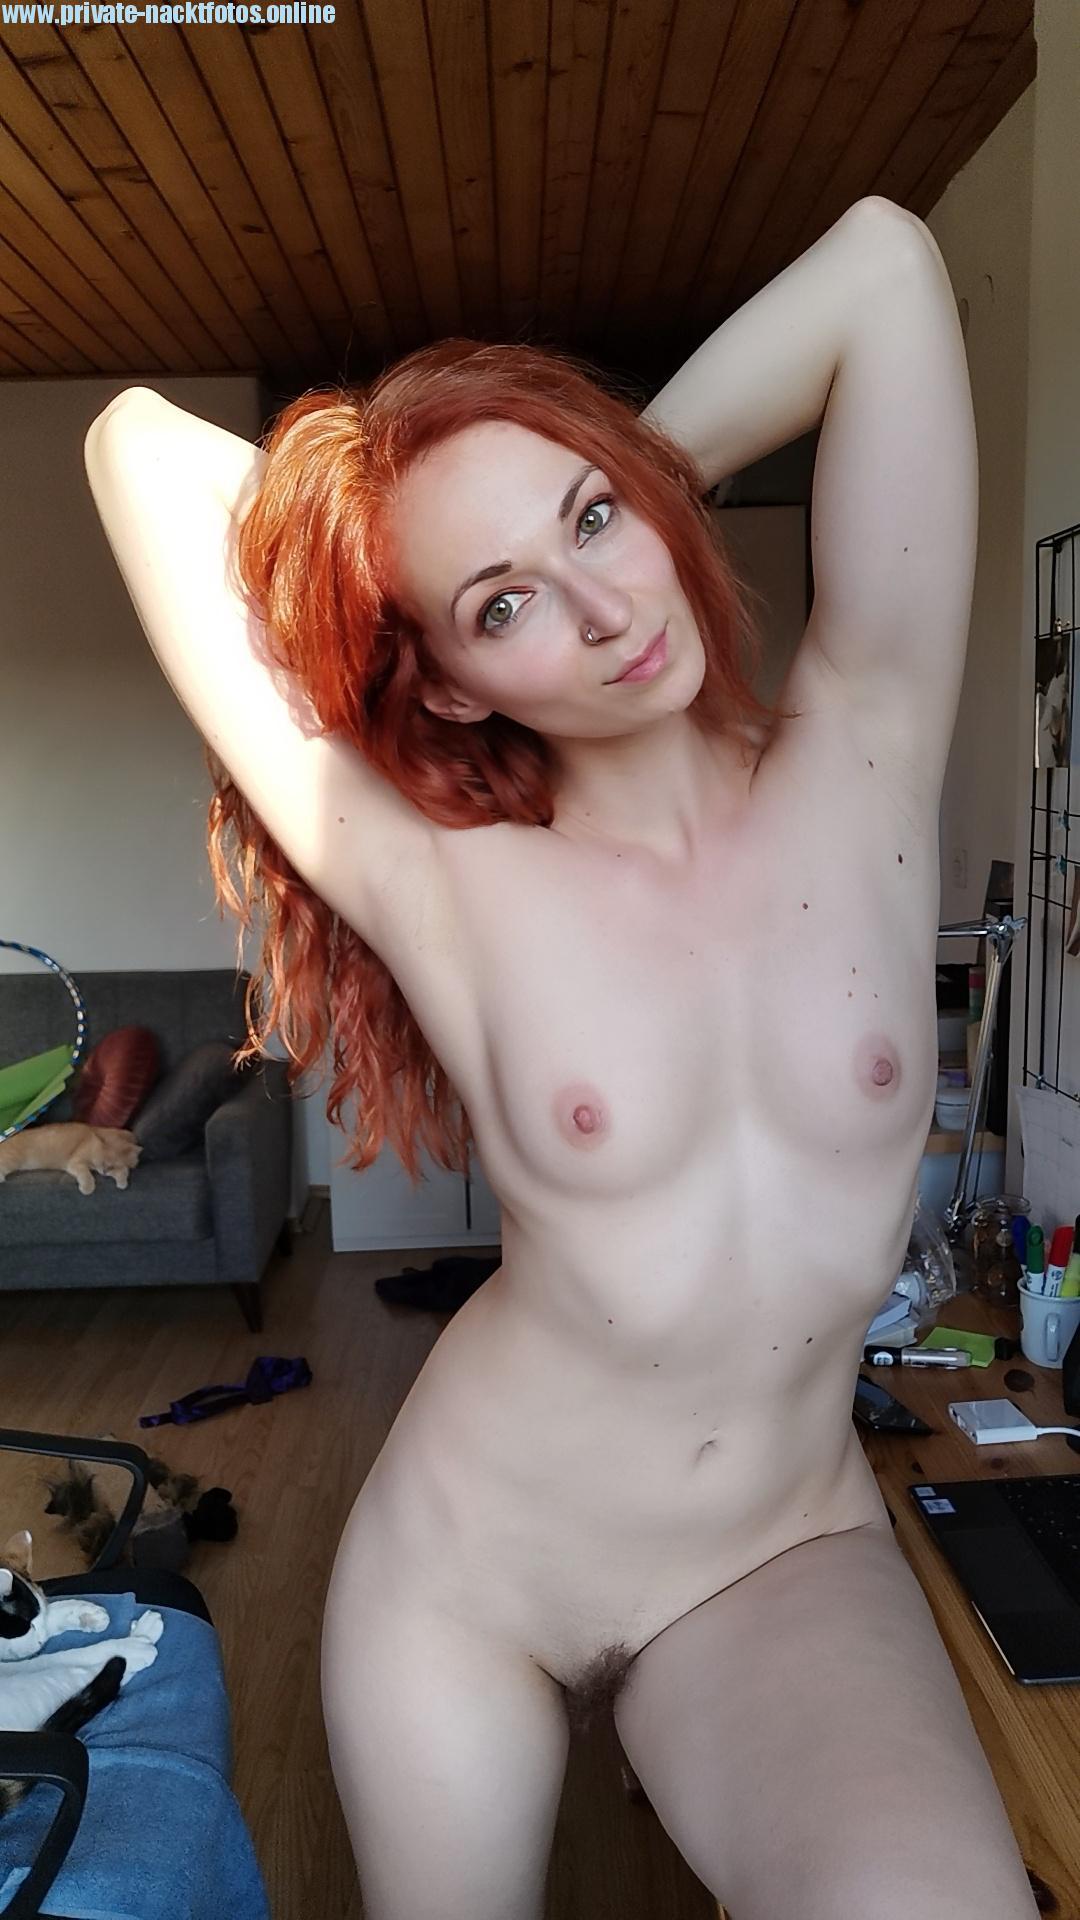 Rothaarige Exfreindin Nacktbild